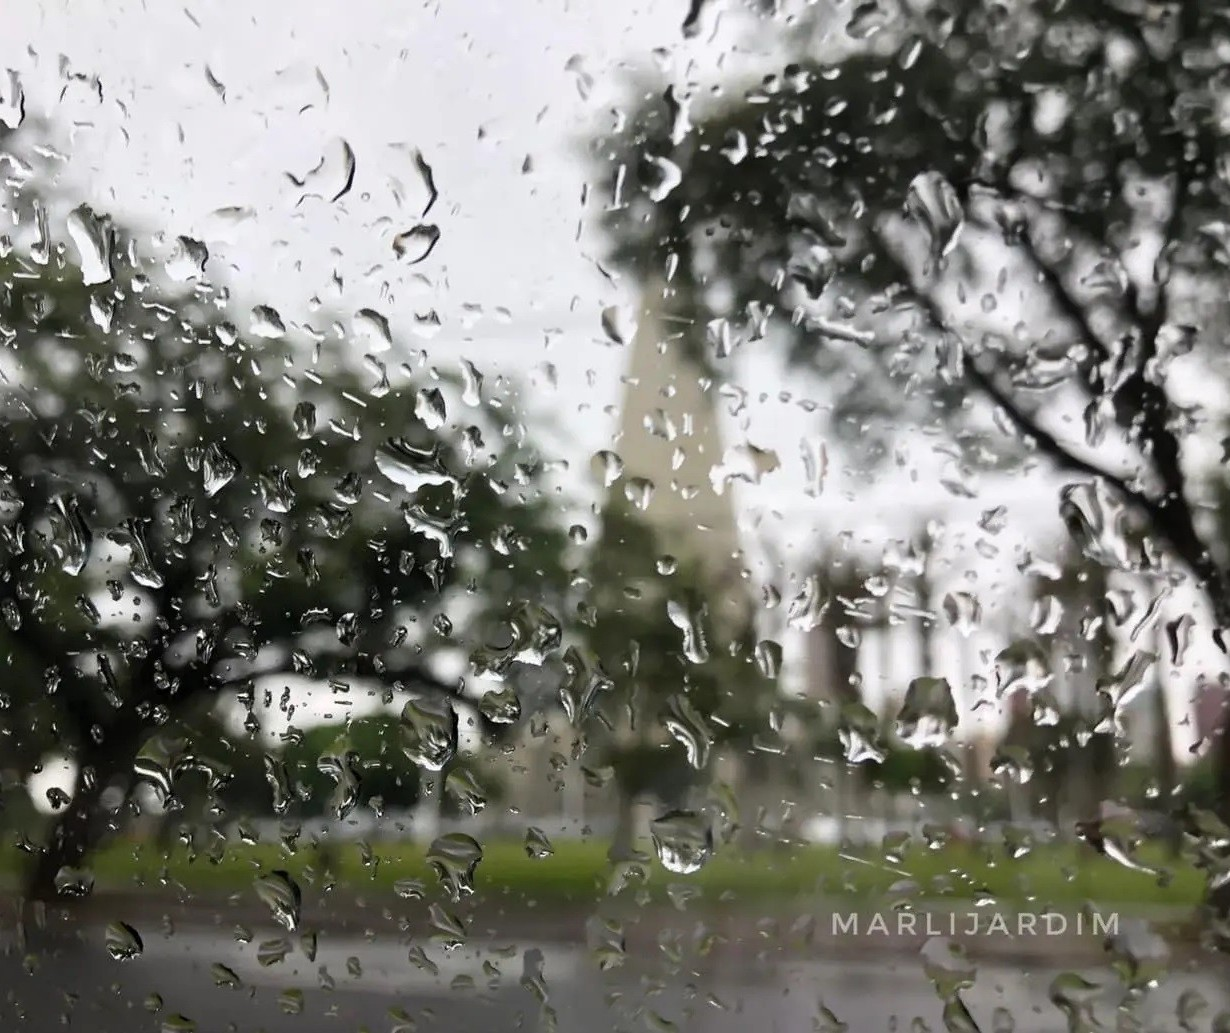 Mais chuva? Frente fria avança e muda o tempo em Maringá no fim de semana